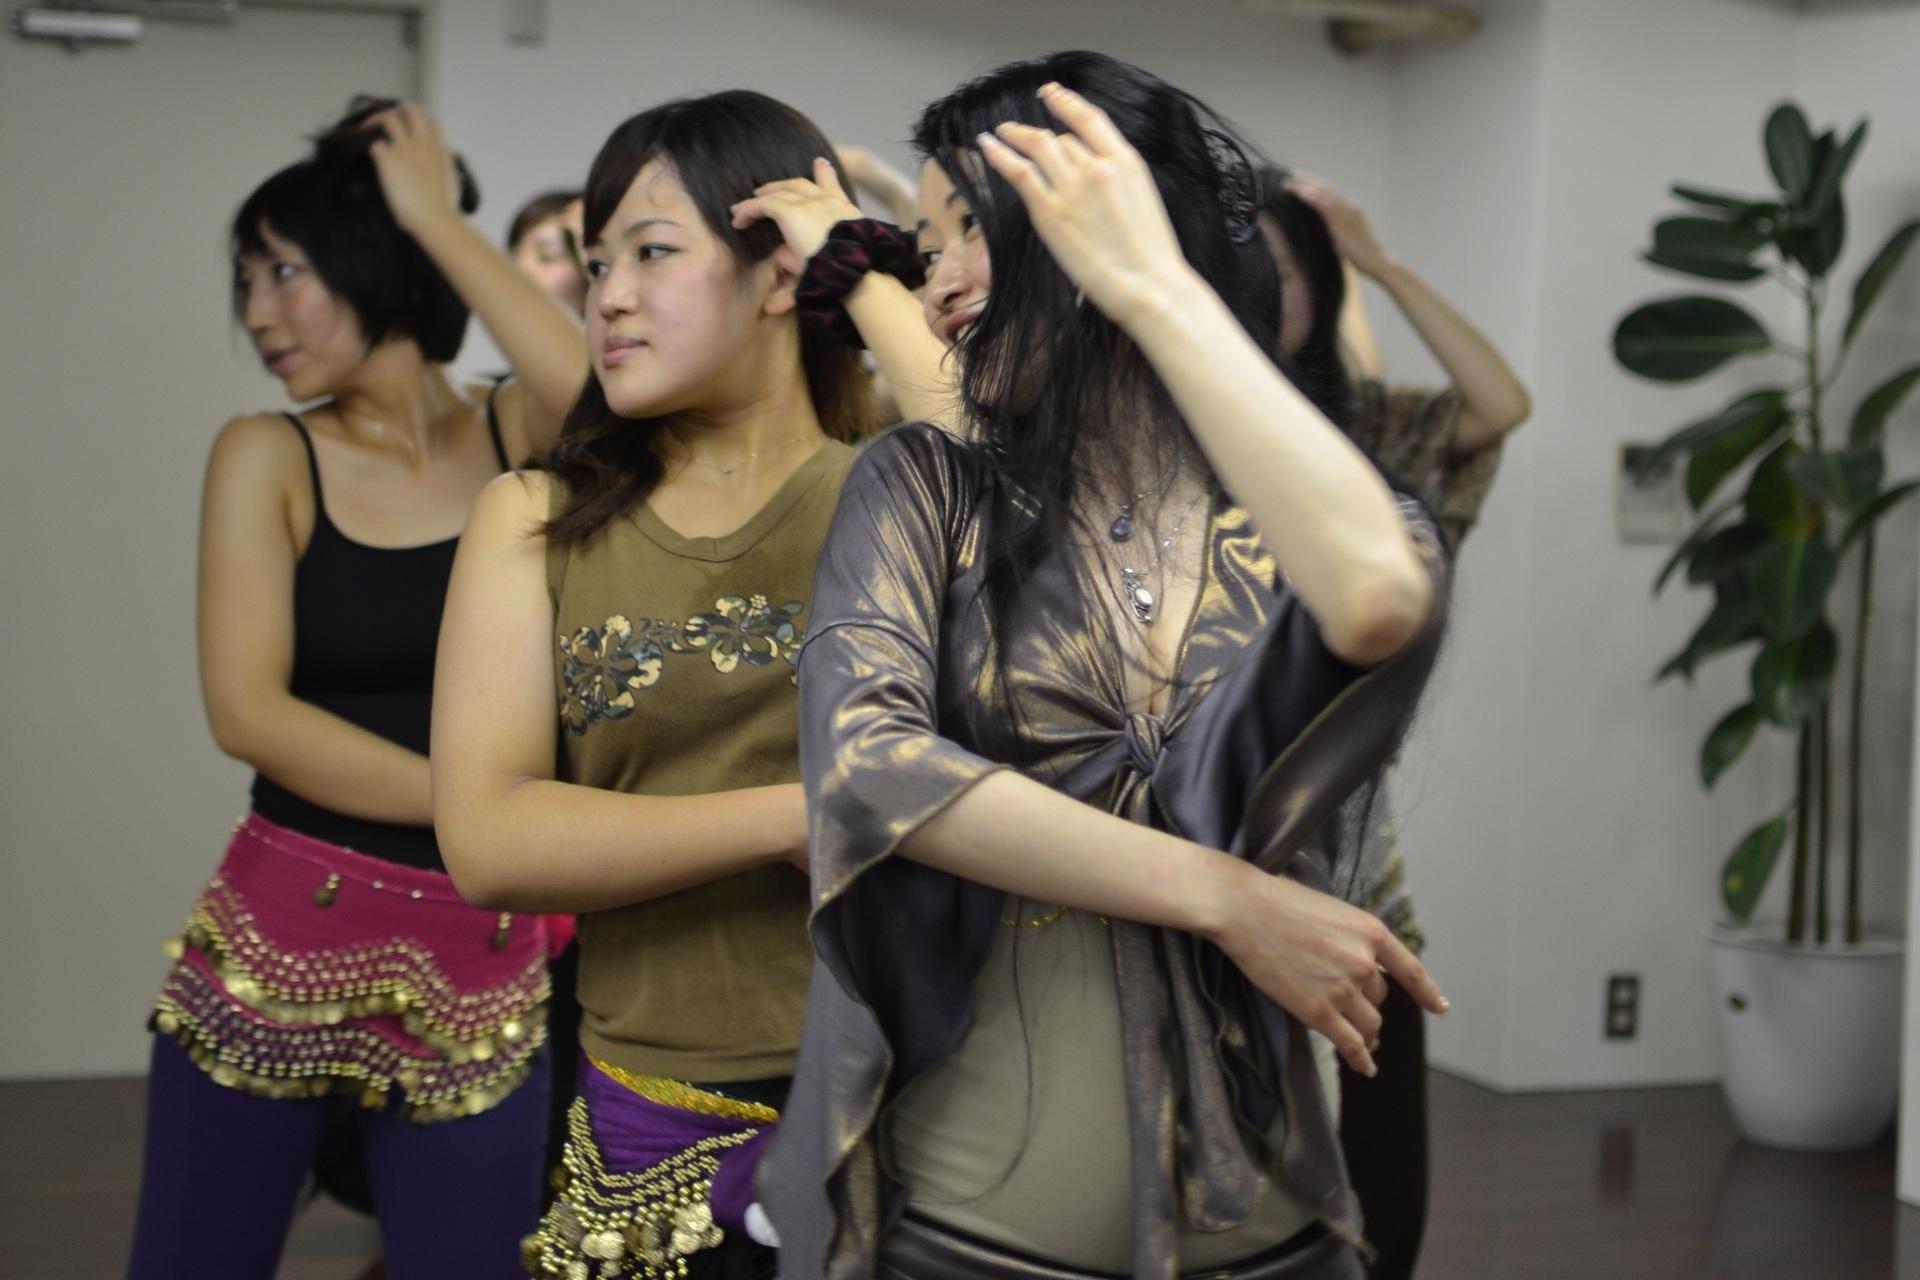 バルシュオリエンタルダンス 池袋教室